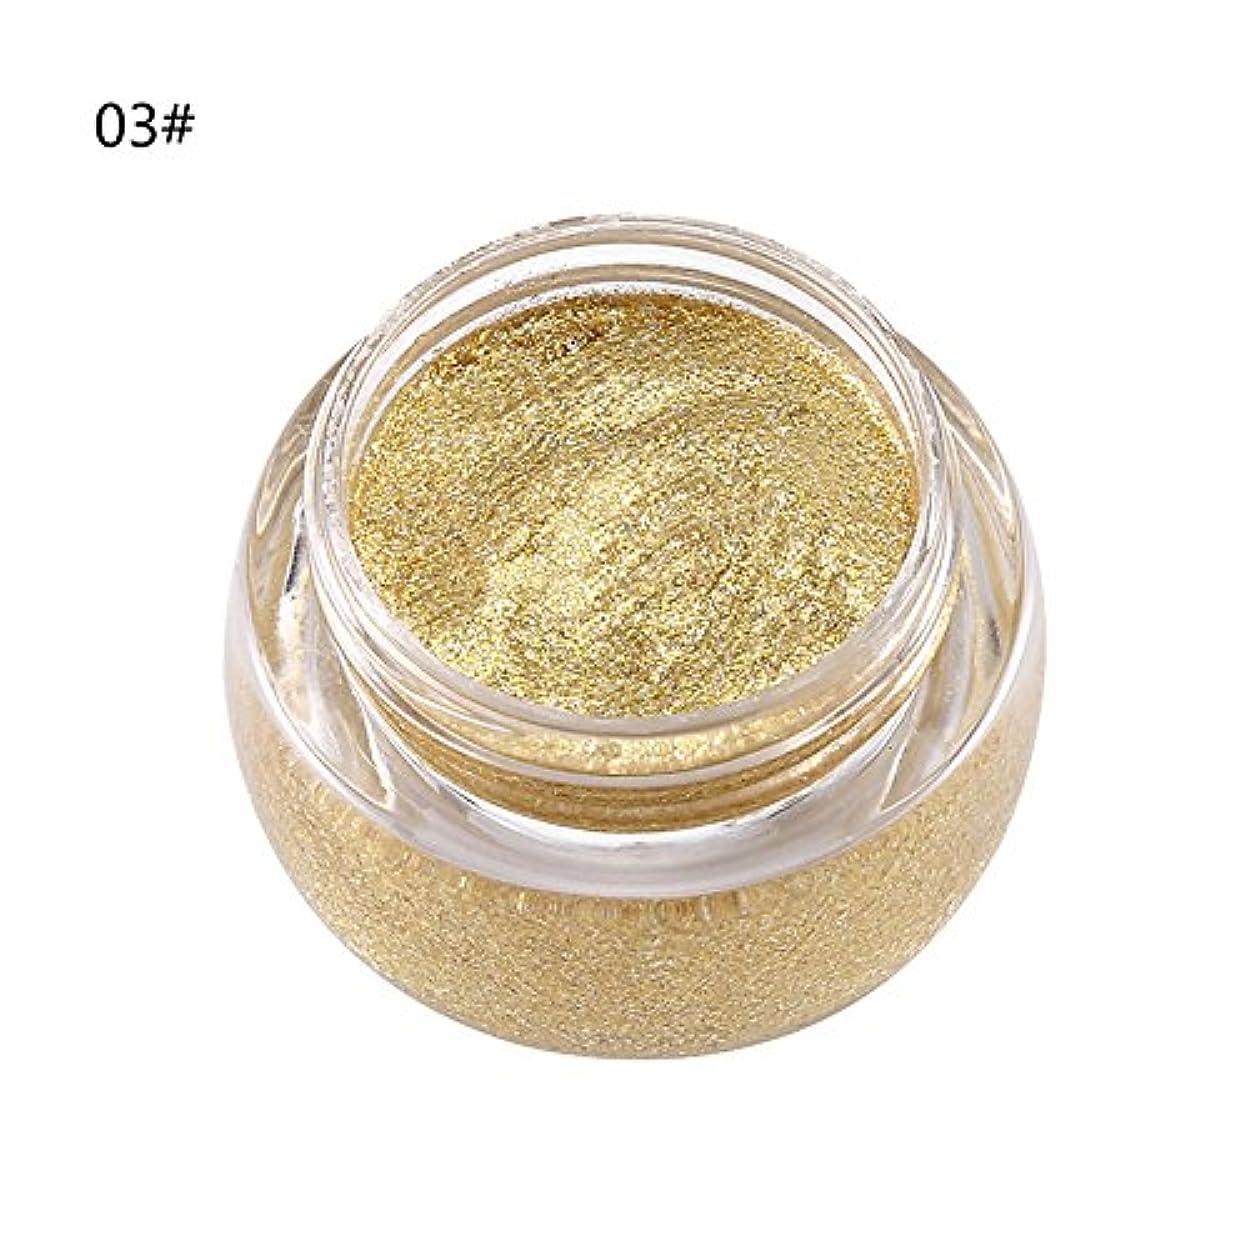 実り多い自我端アイシャドウ 単色 化粧品 光沢 保湿 キラキラ 美しい タイプ 03